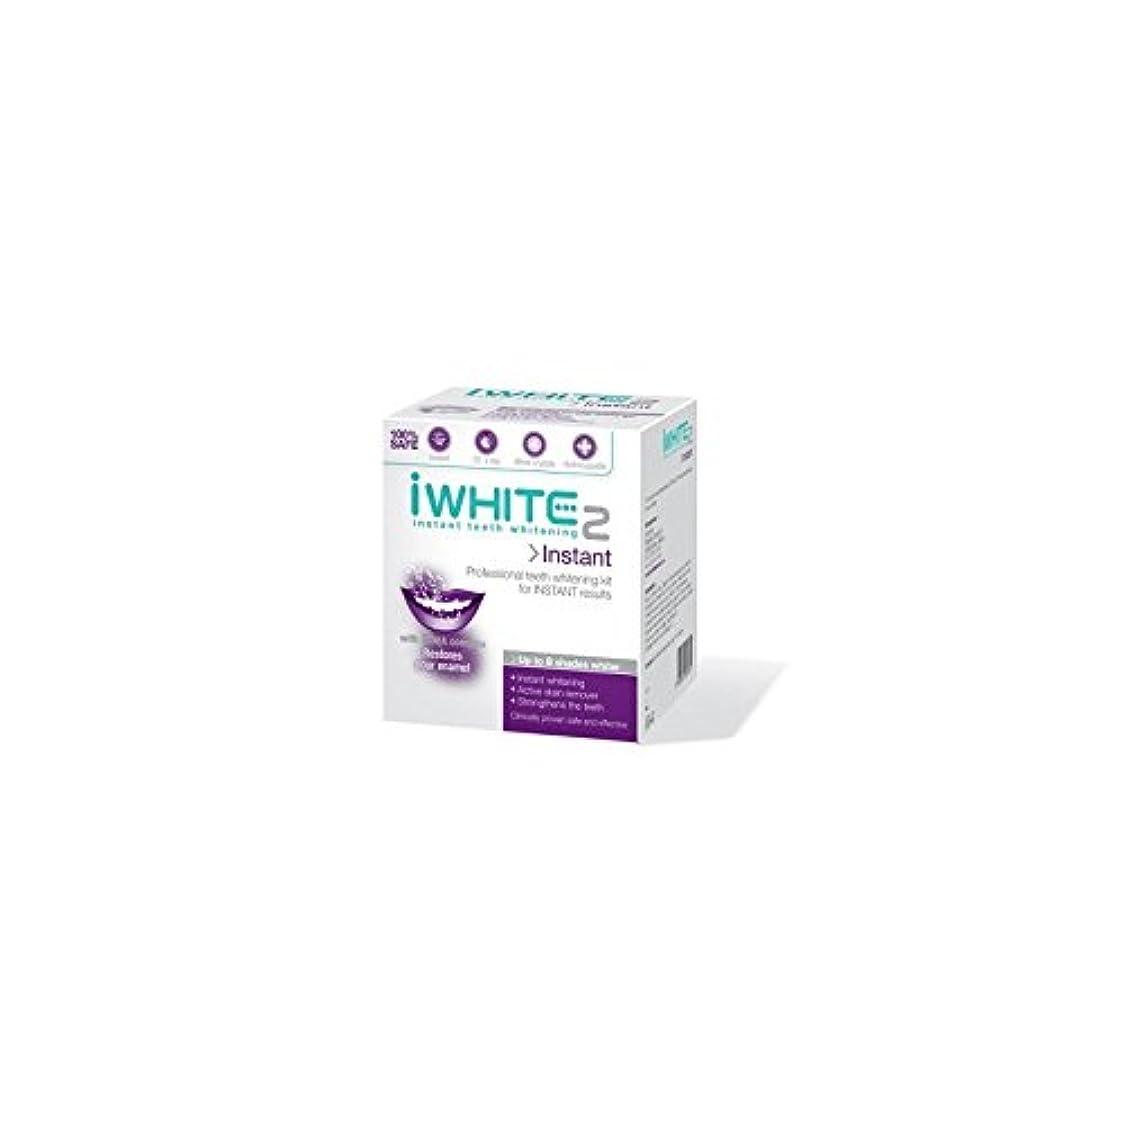 フィラデルフィア専門化するアコードインスタントキットを白く2本のプロ歯(10トレイ) x2 - iWhite Instant 2 Professional Teeth Whitening Kit (10 Trays) (Pack of 2) [並行輸入品]